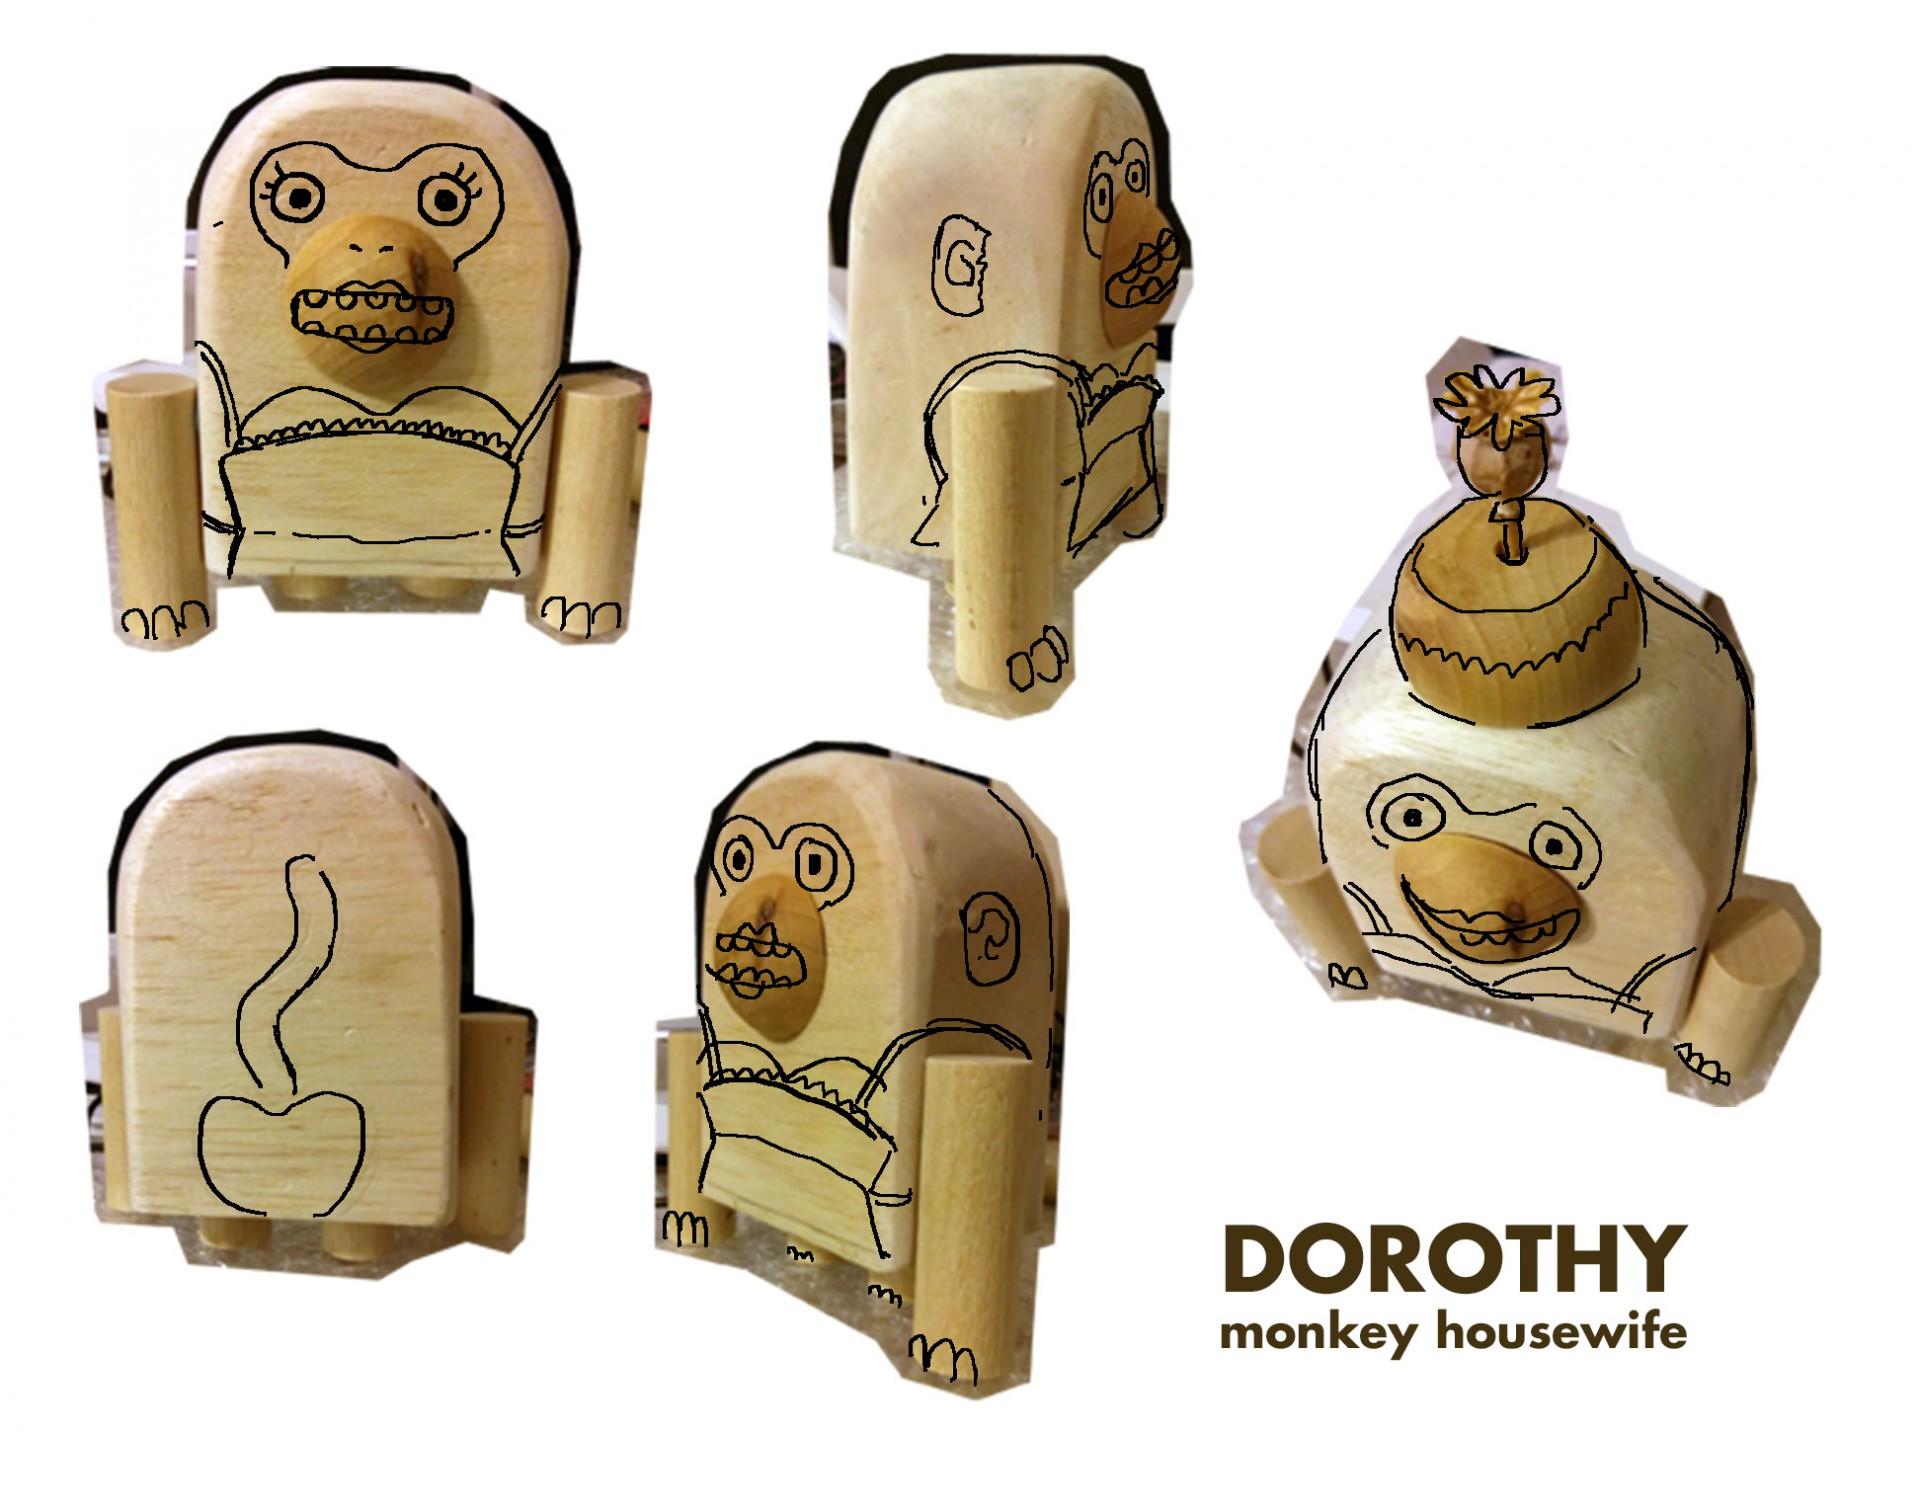 monkey housewife